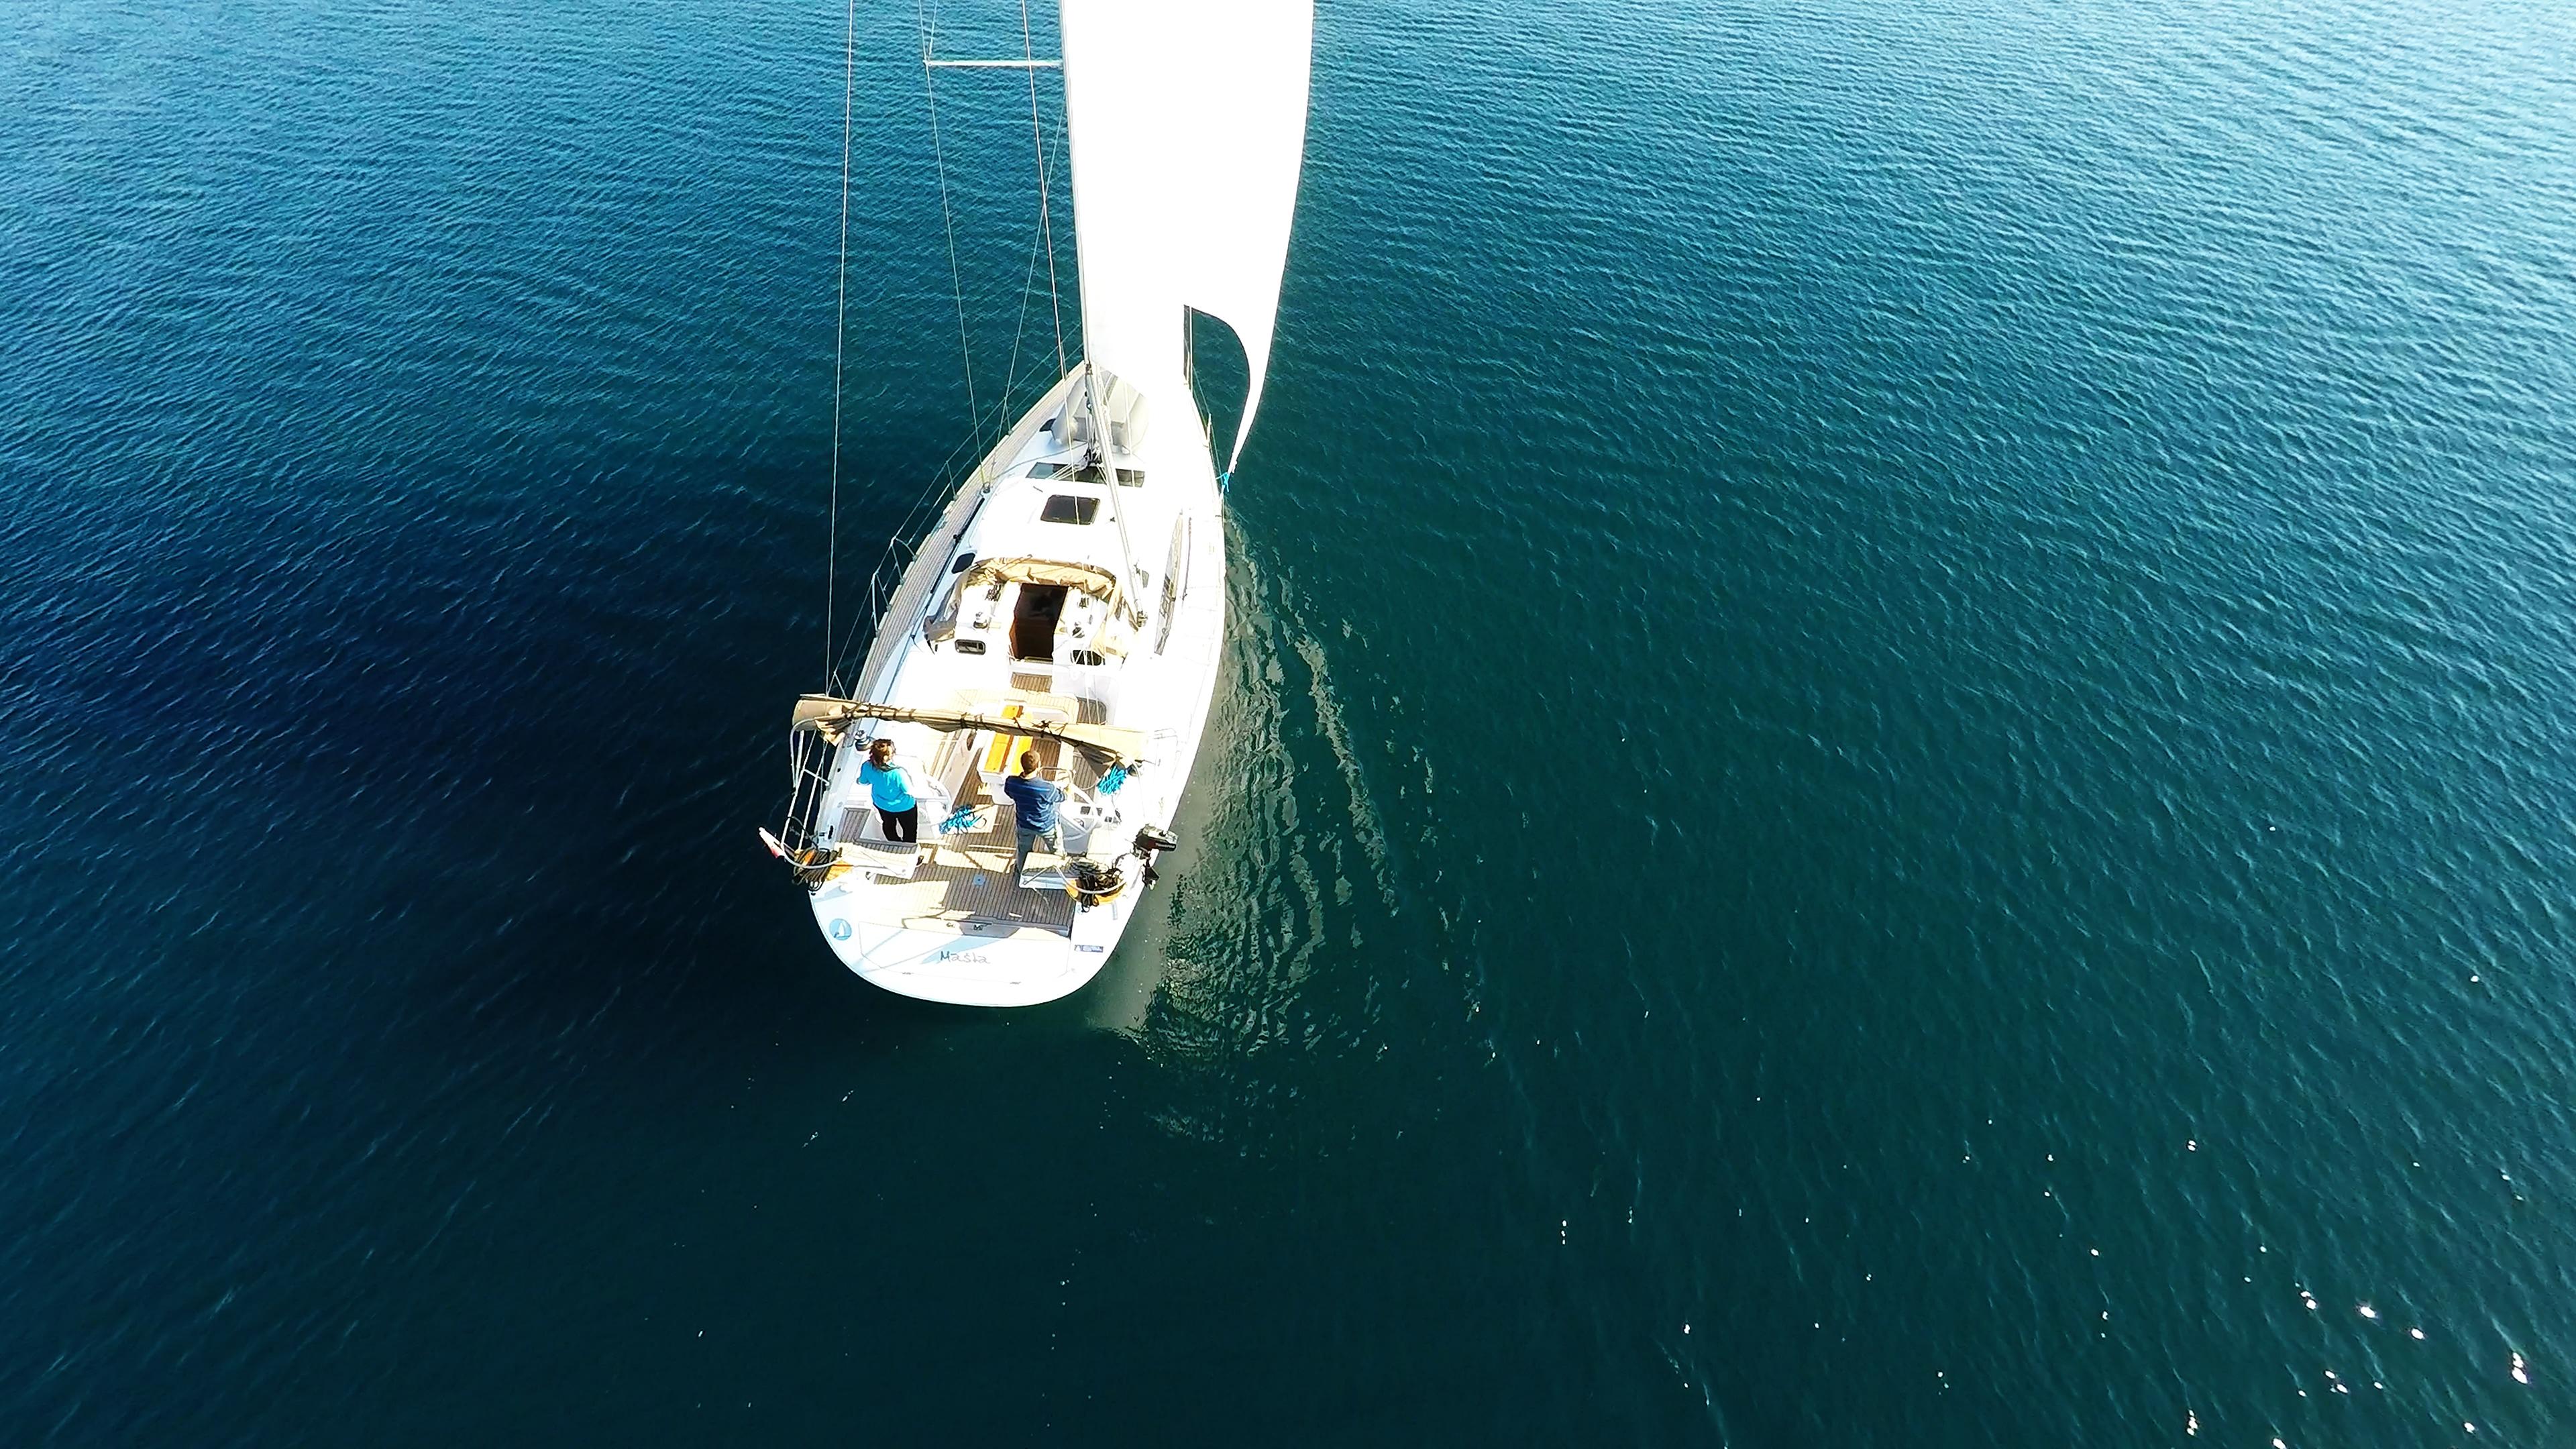 barcha a vela barca a vela elan 45 impression yacht a vela vela